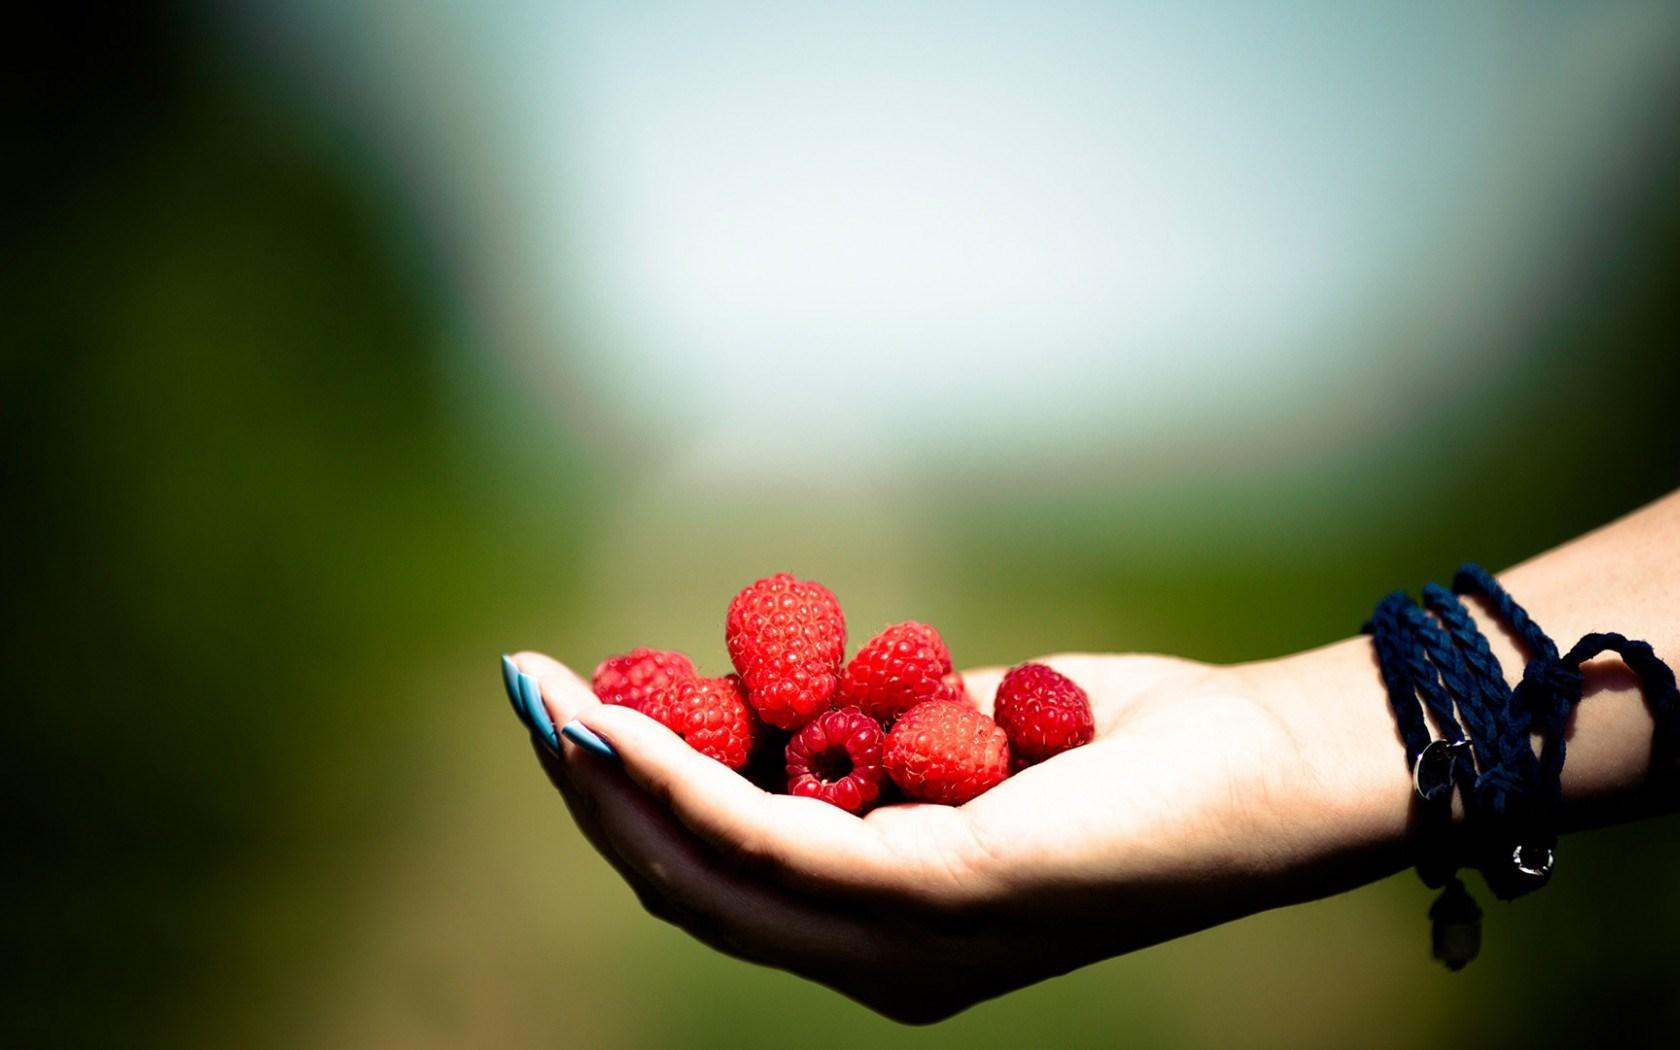 Hand Raspberries Berries Mood